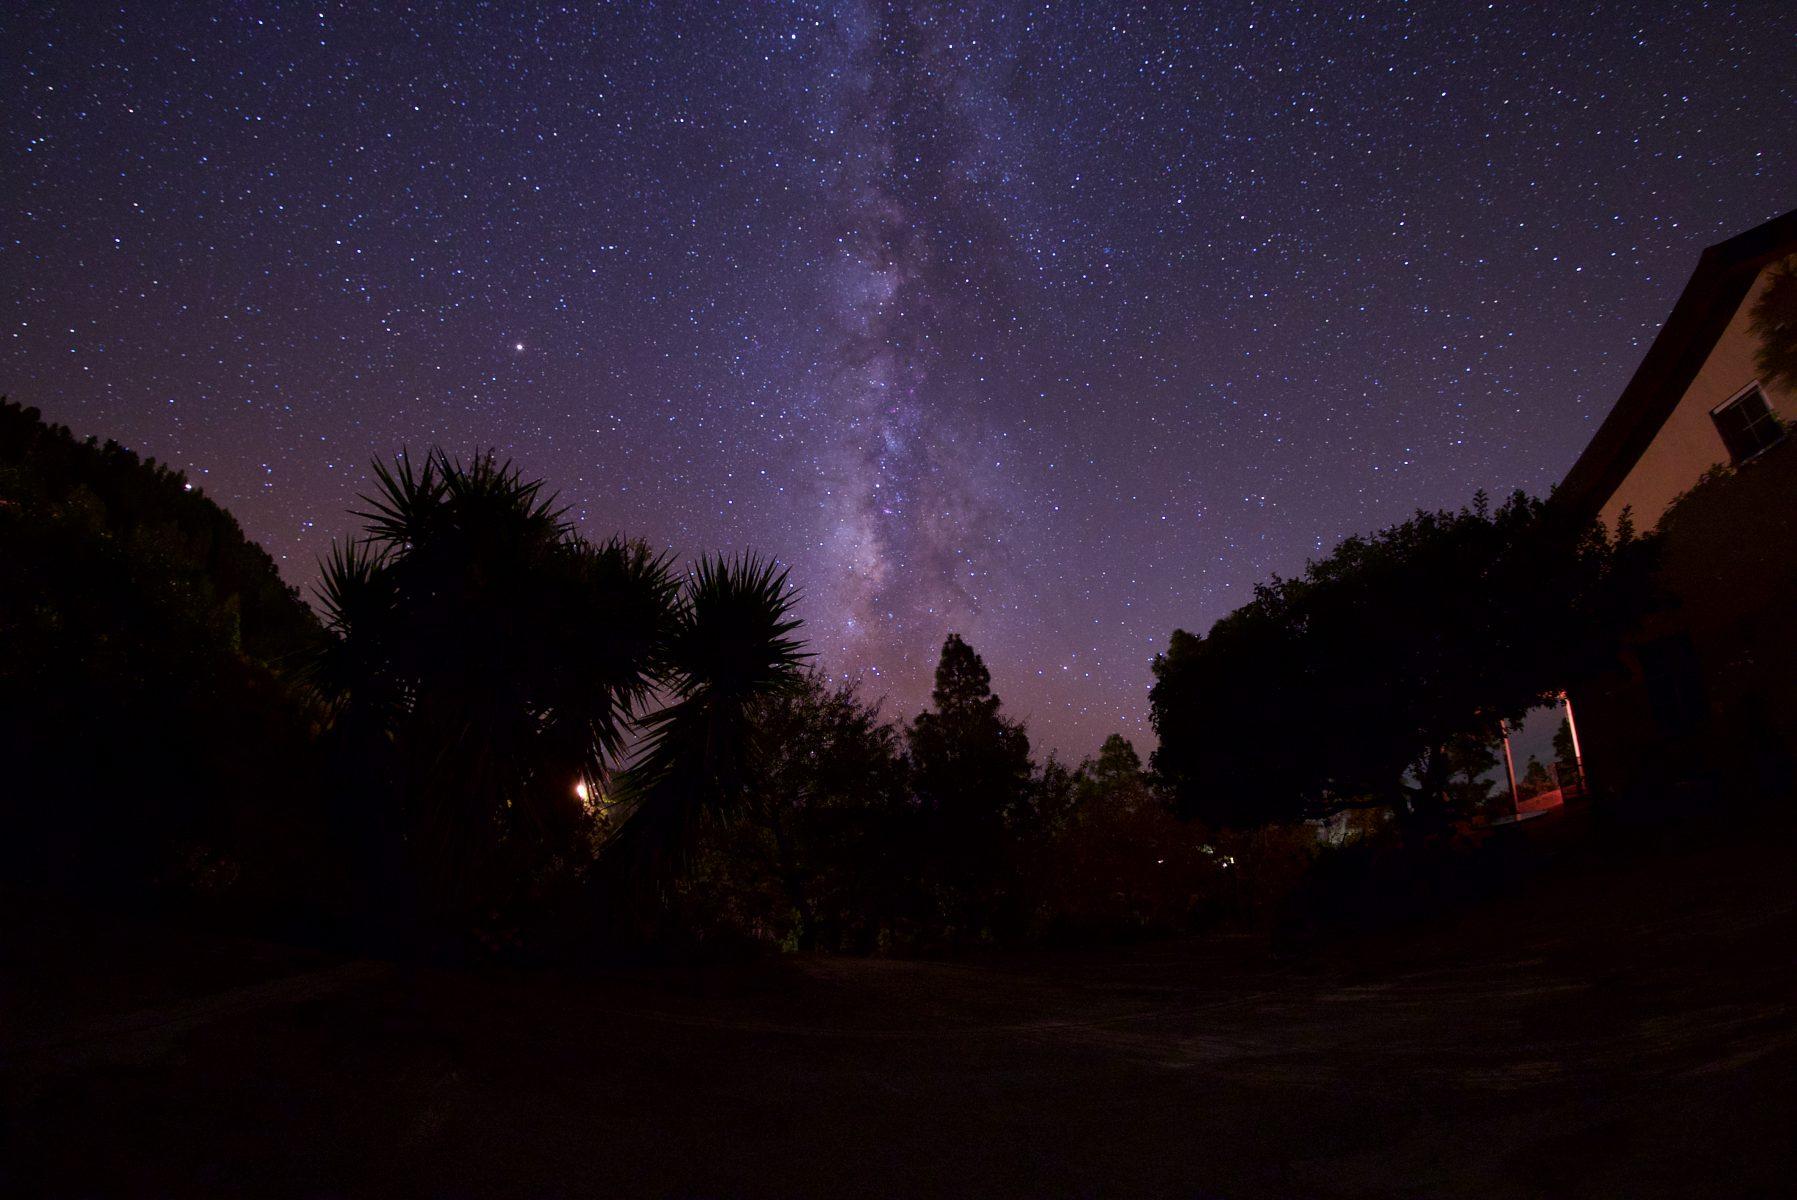 Voie lactée photographiée par Olivier Garnier depuis le site Casa Astro La Palma,